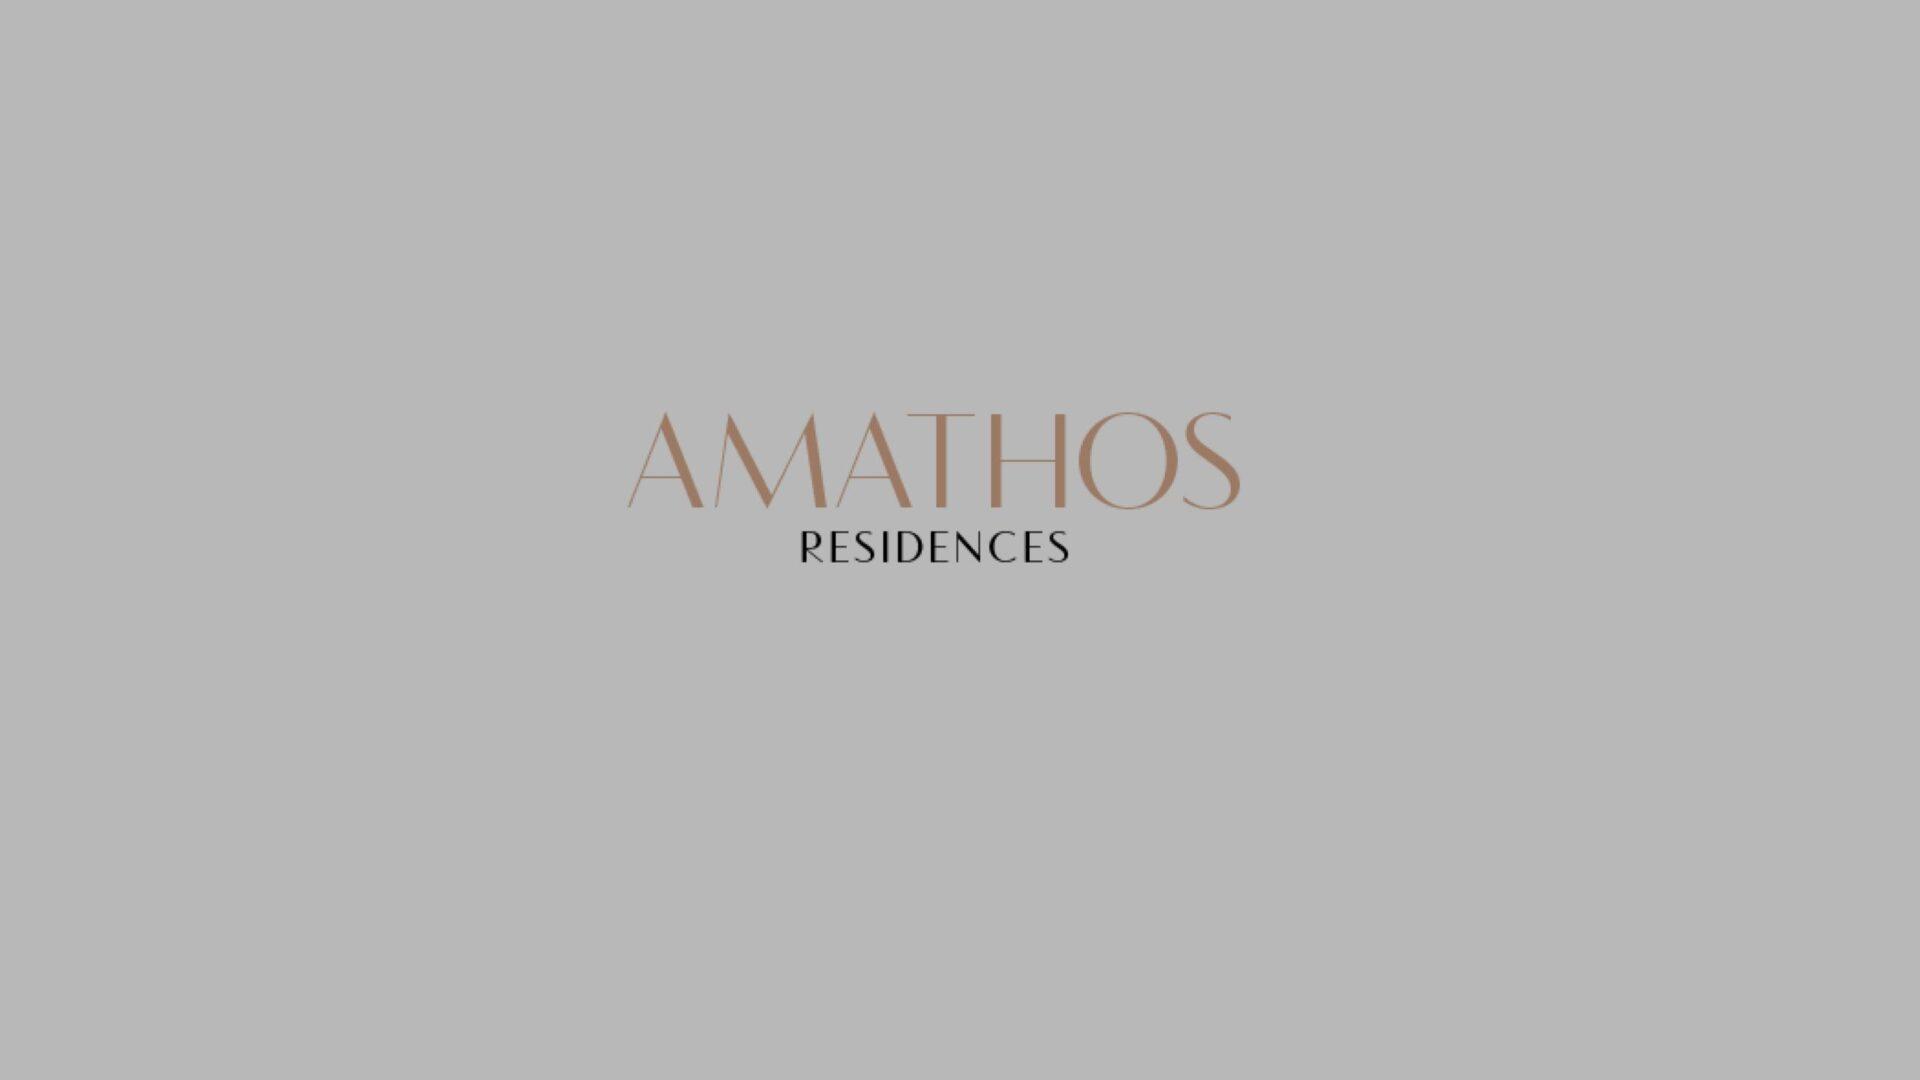 Amathos Residences Viet Page 43